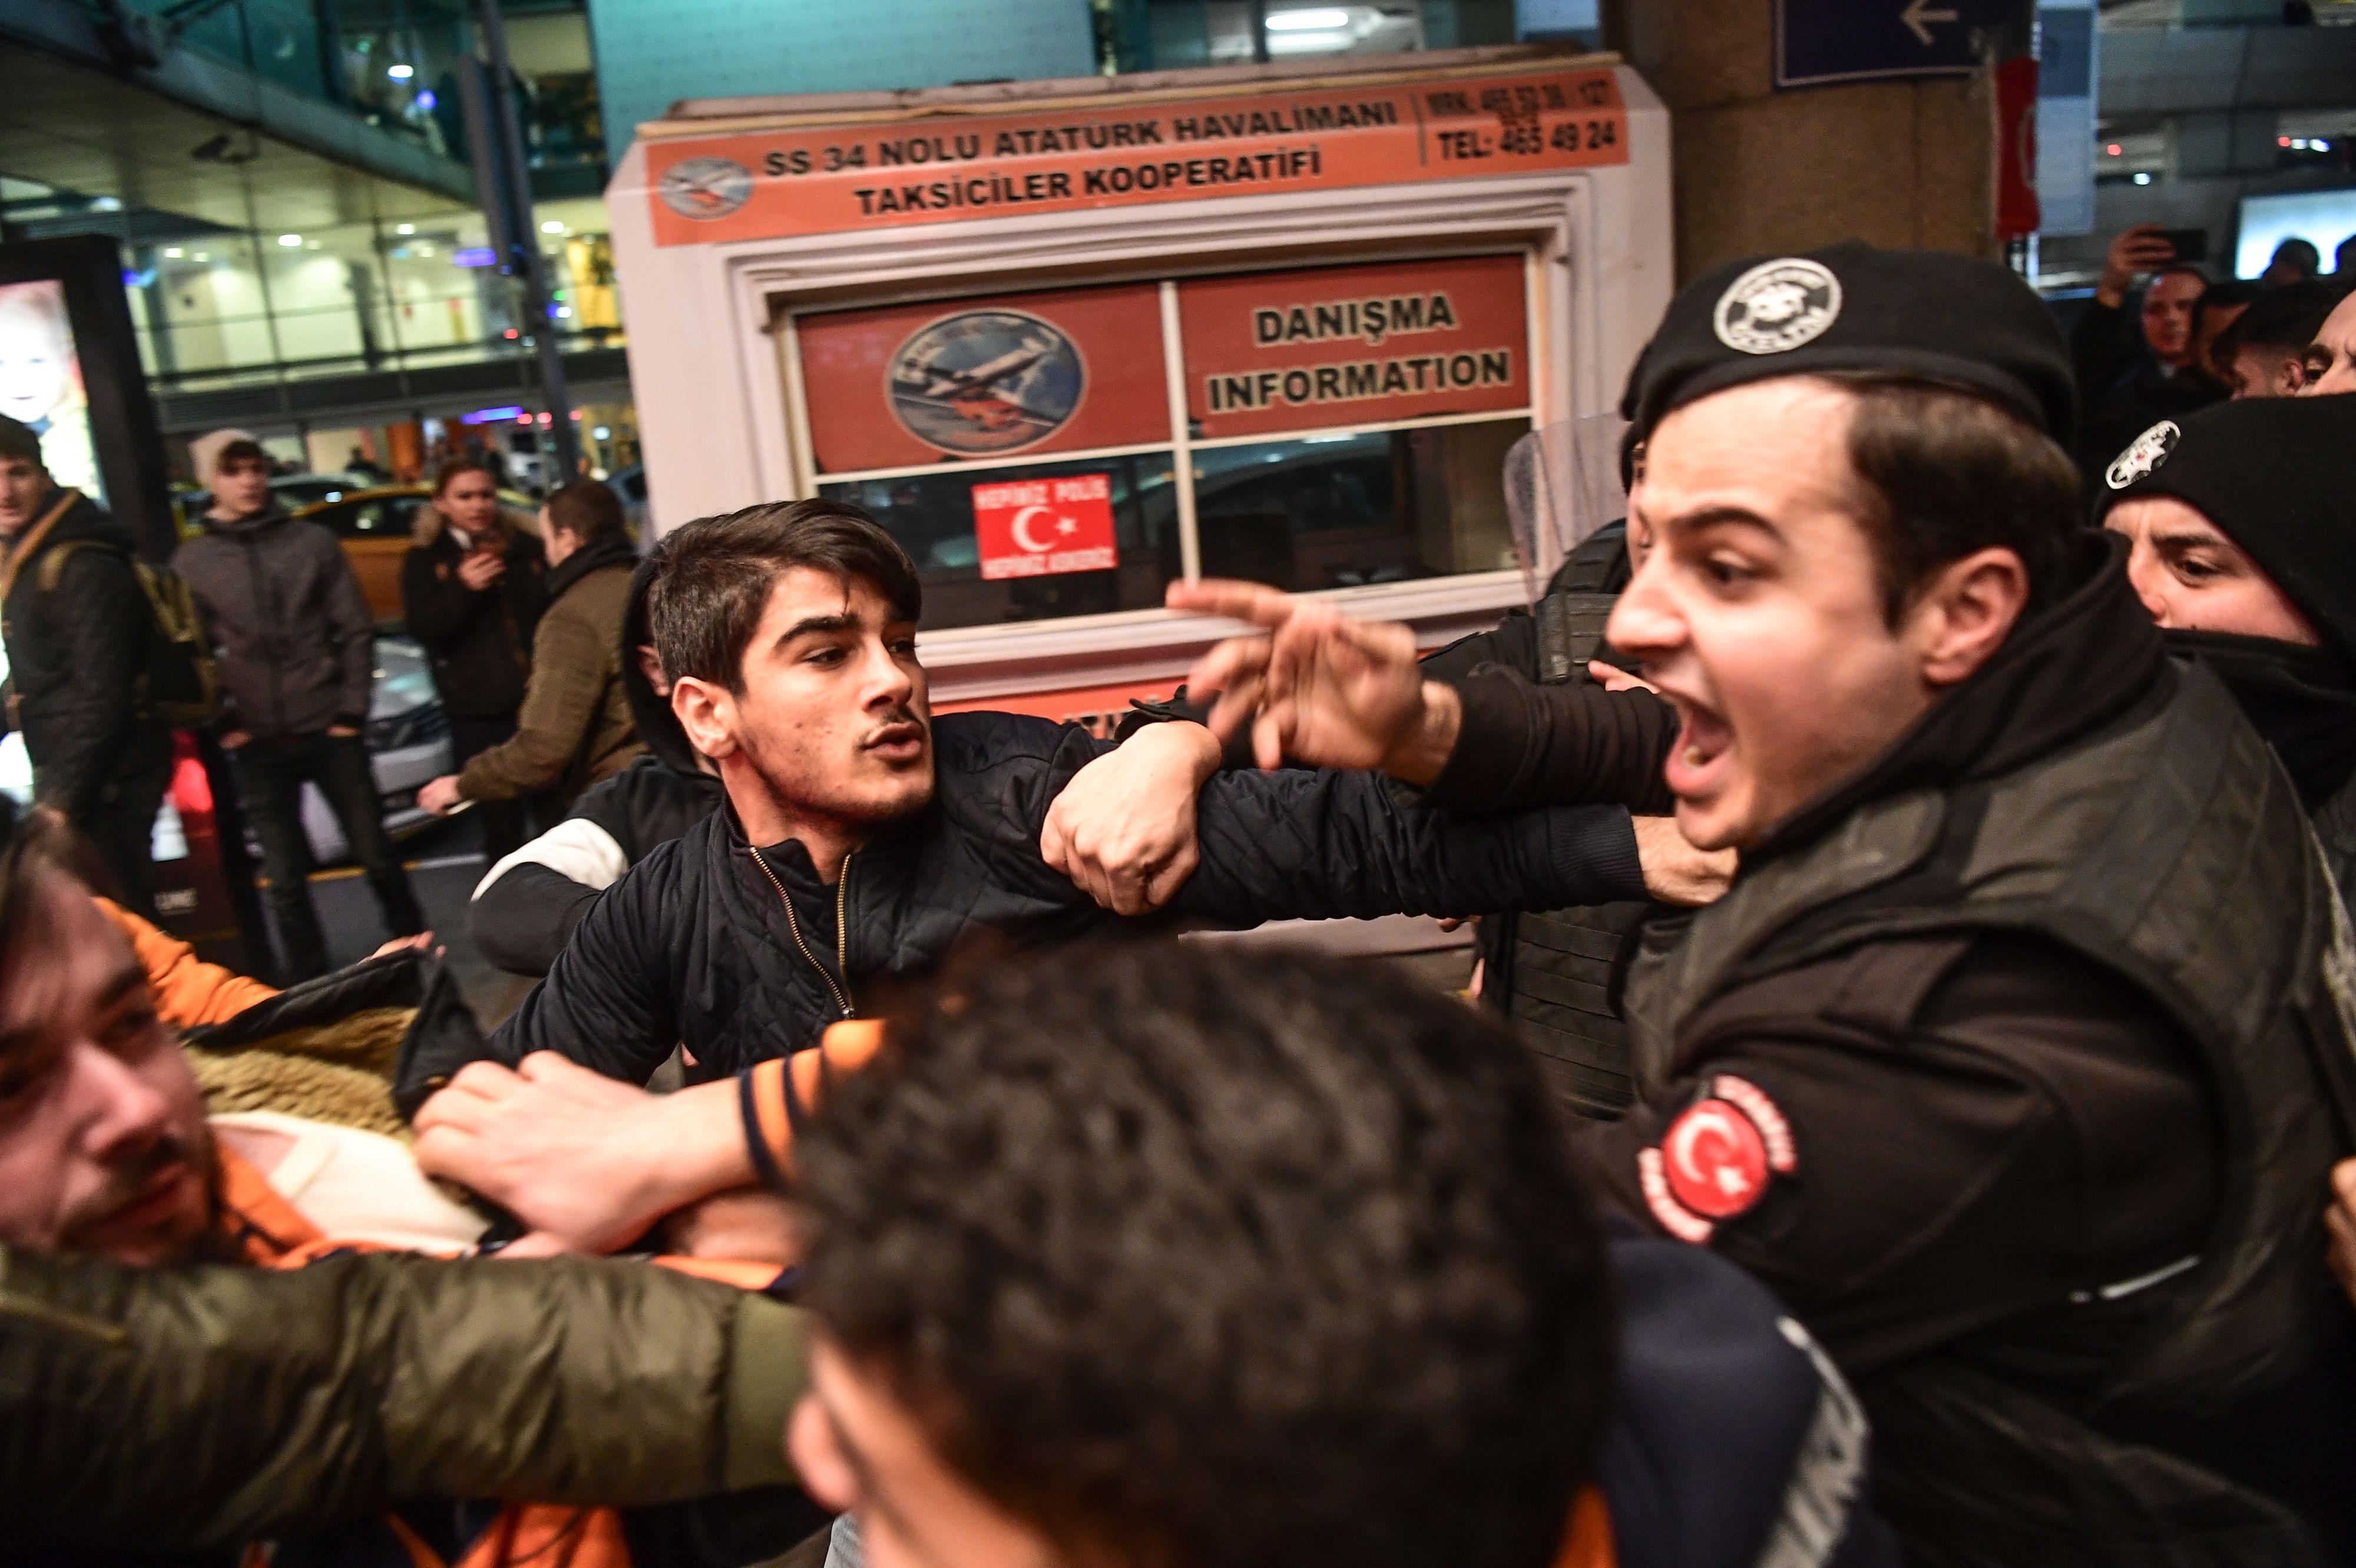 اشتباكات الجماهير والشرطة